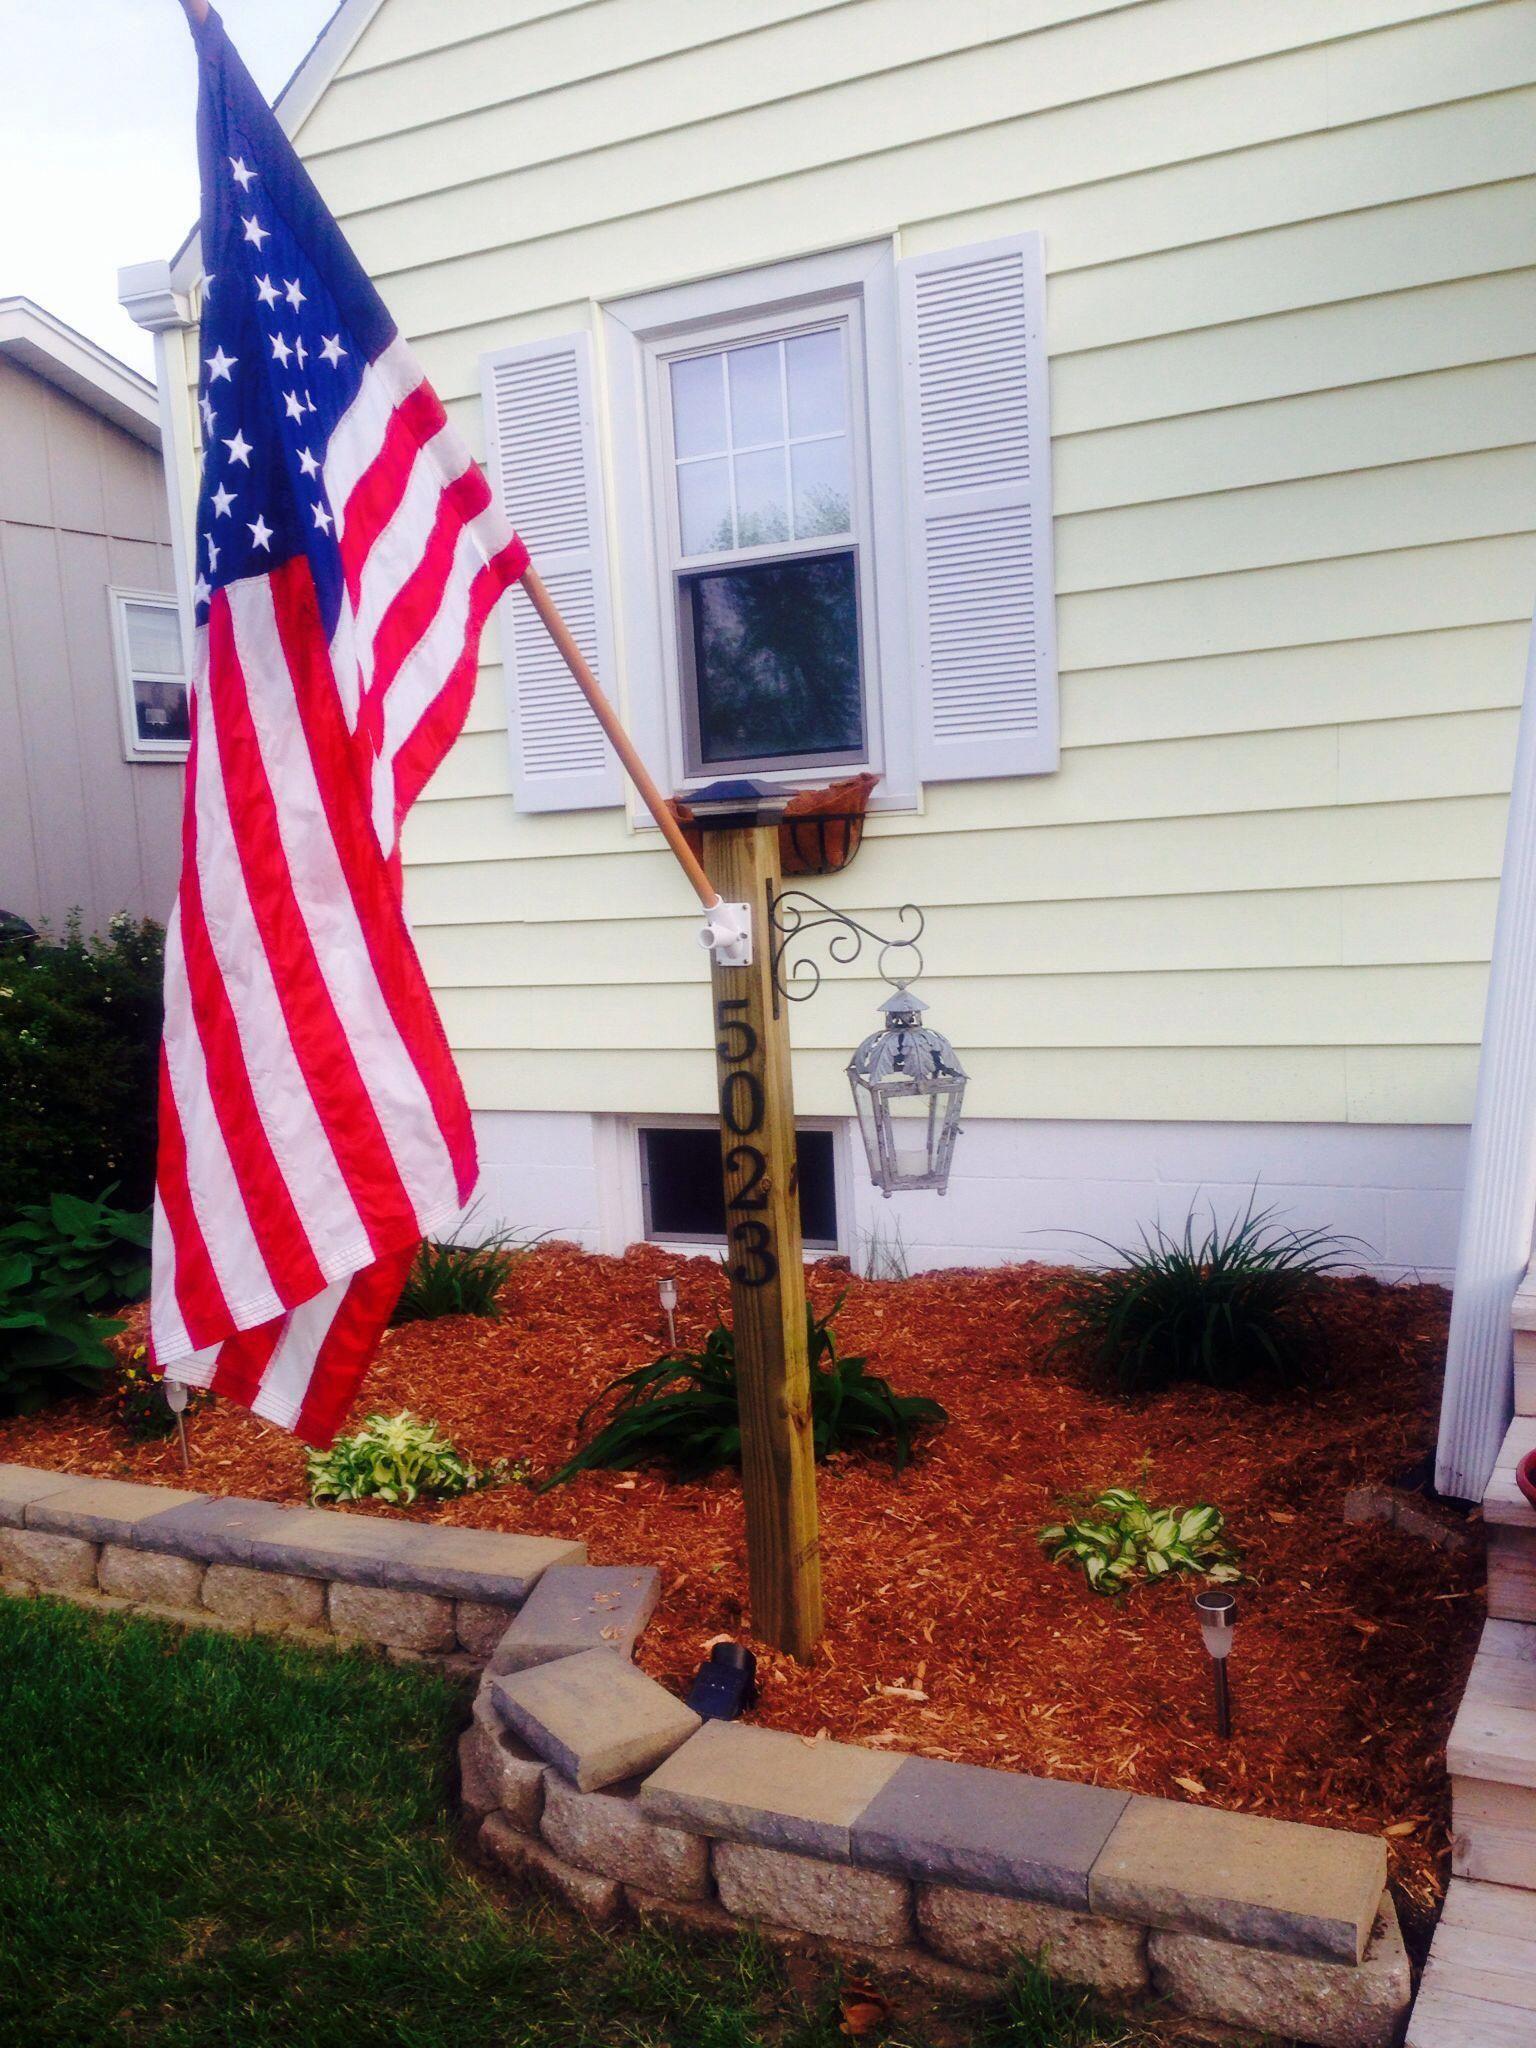 Landscape Gardening Business For Sale Garden Flag Pole Flag Pole Landscaping Flag Display